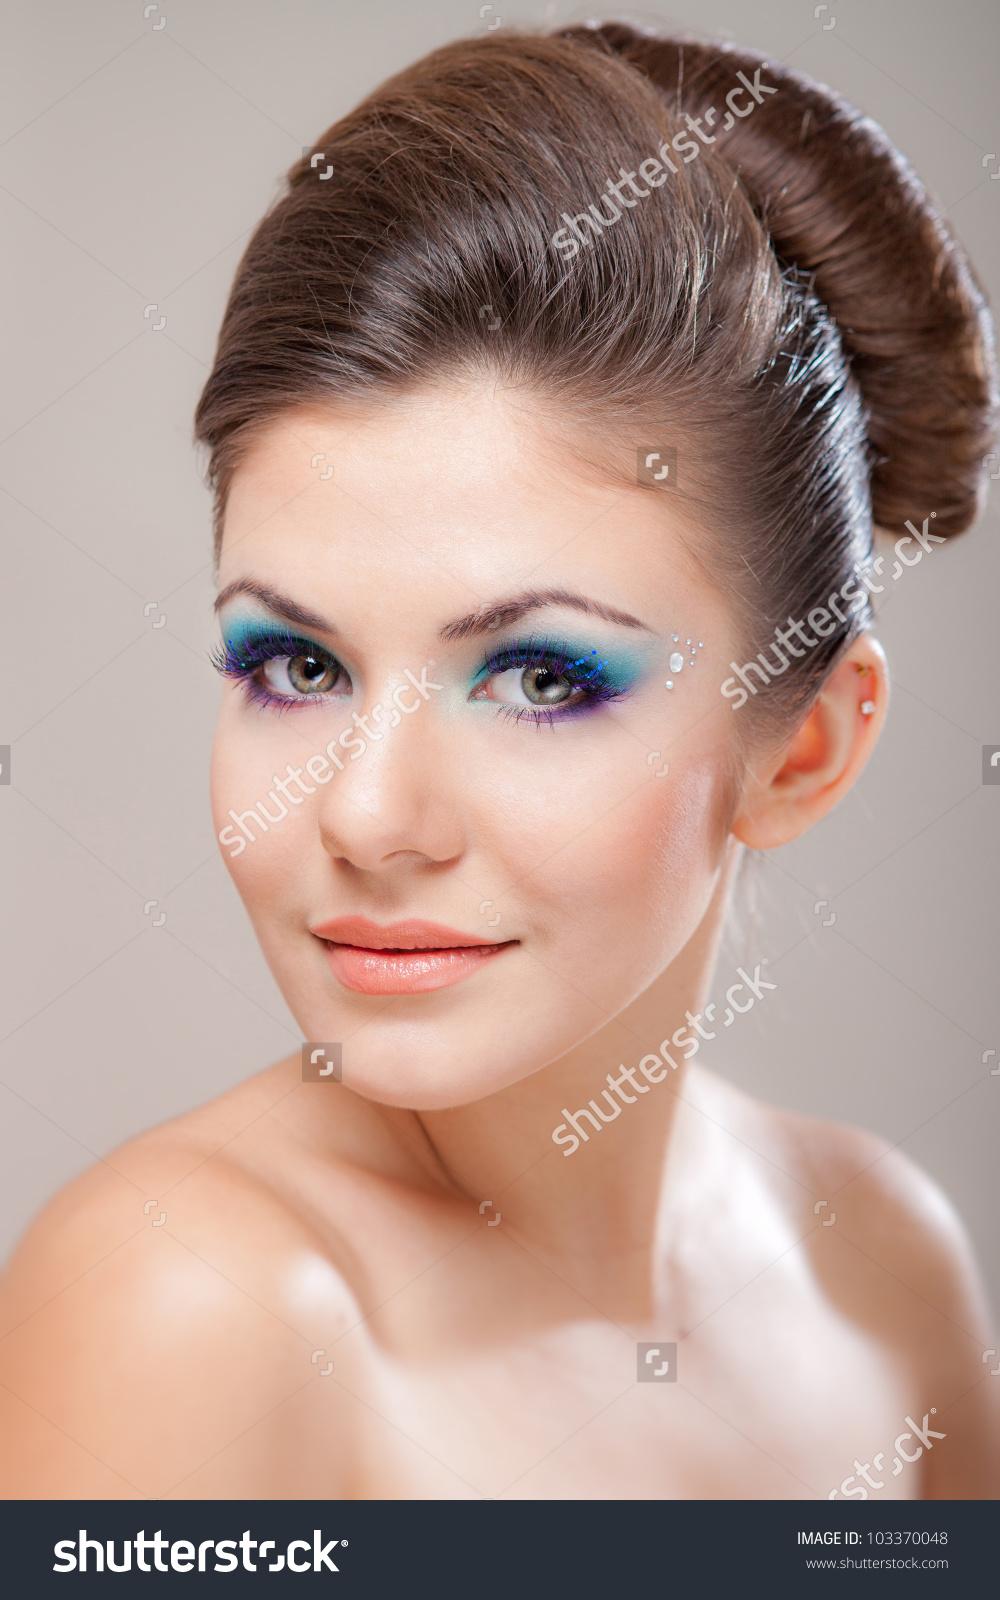 Closeup Portrait Beautiful Caucasian Young Woman Stock Photo 103370048 - Shutterstock